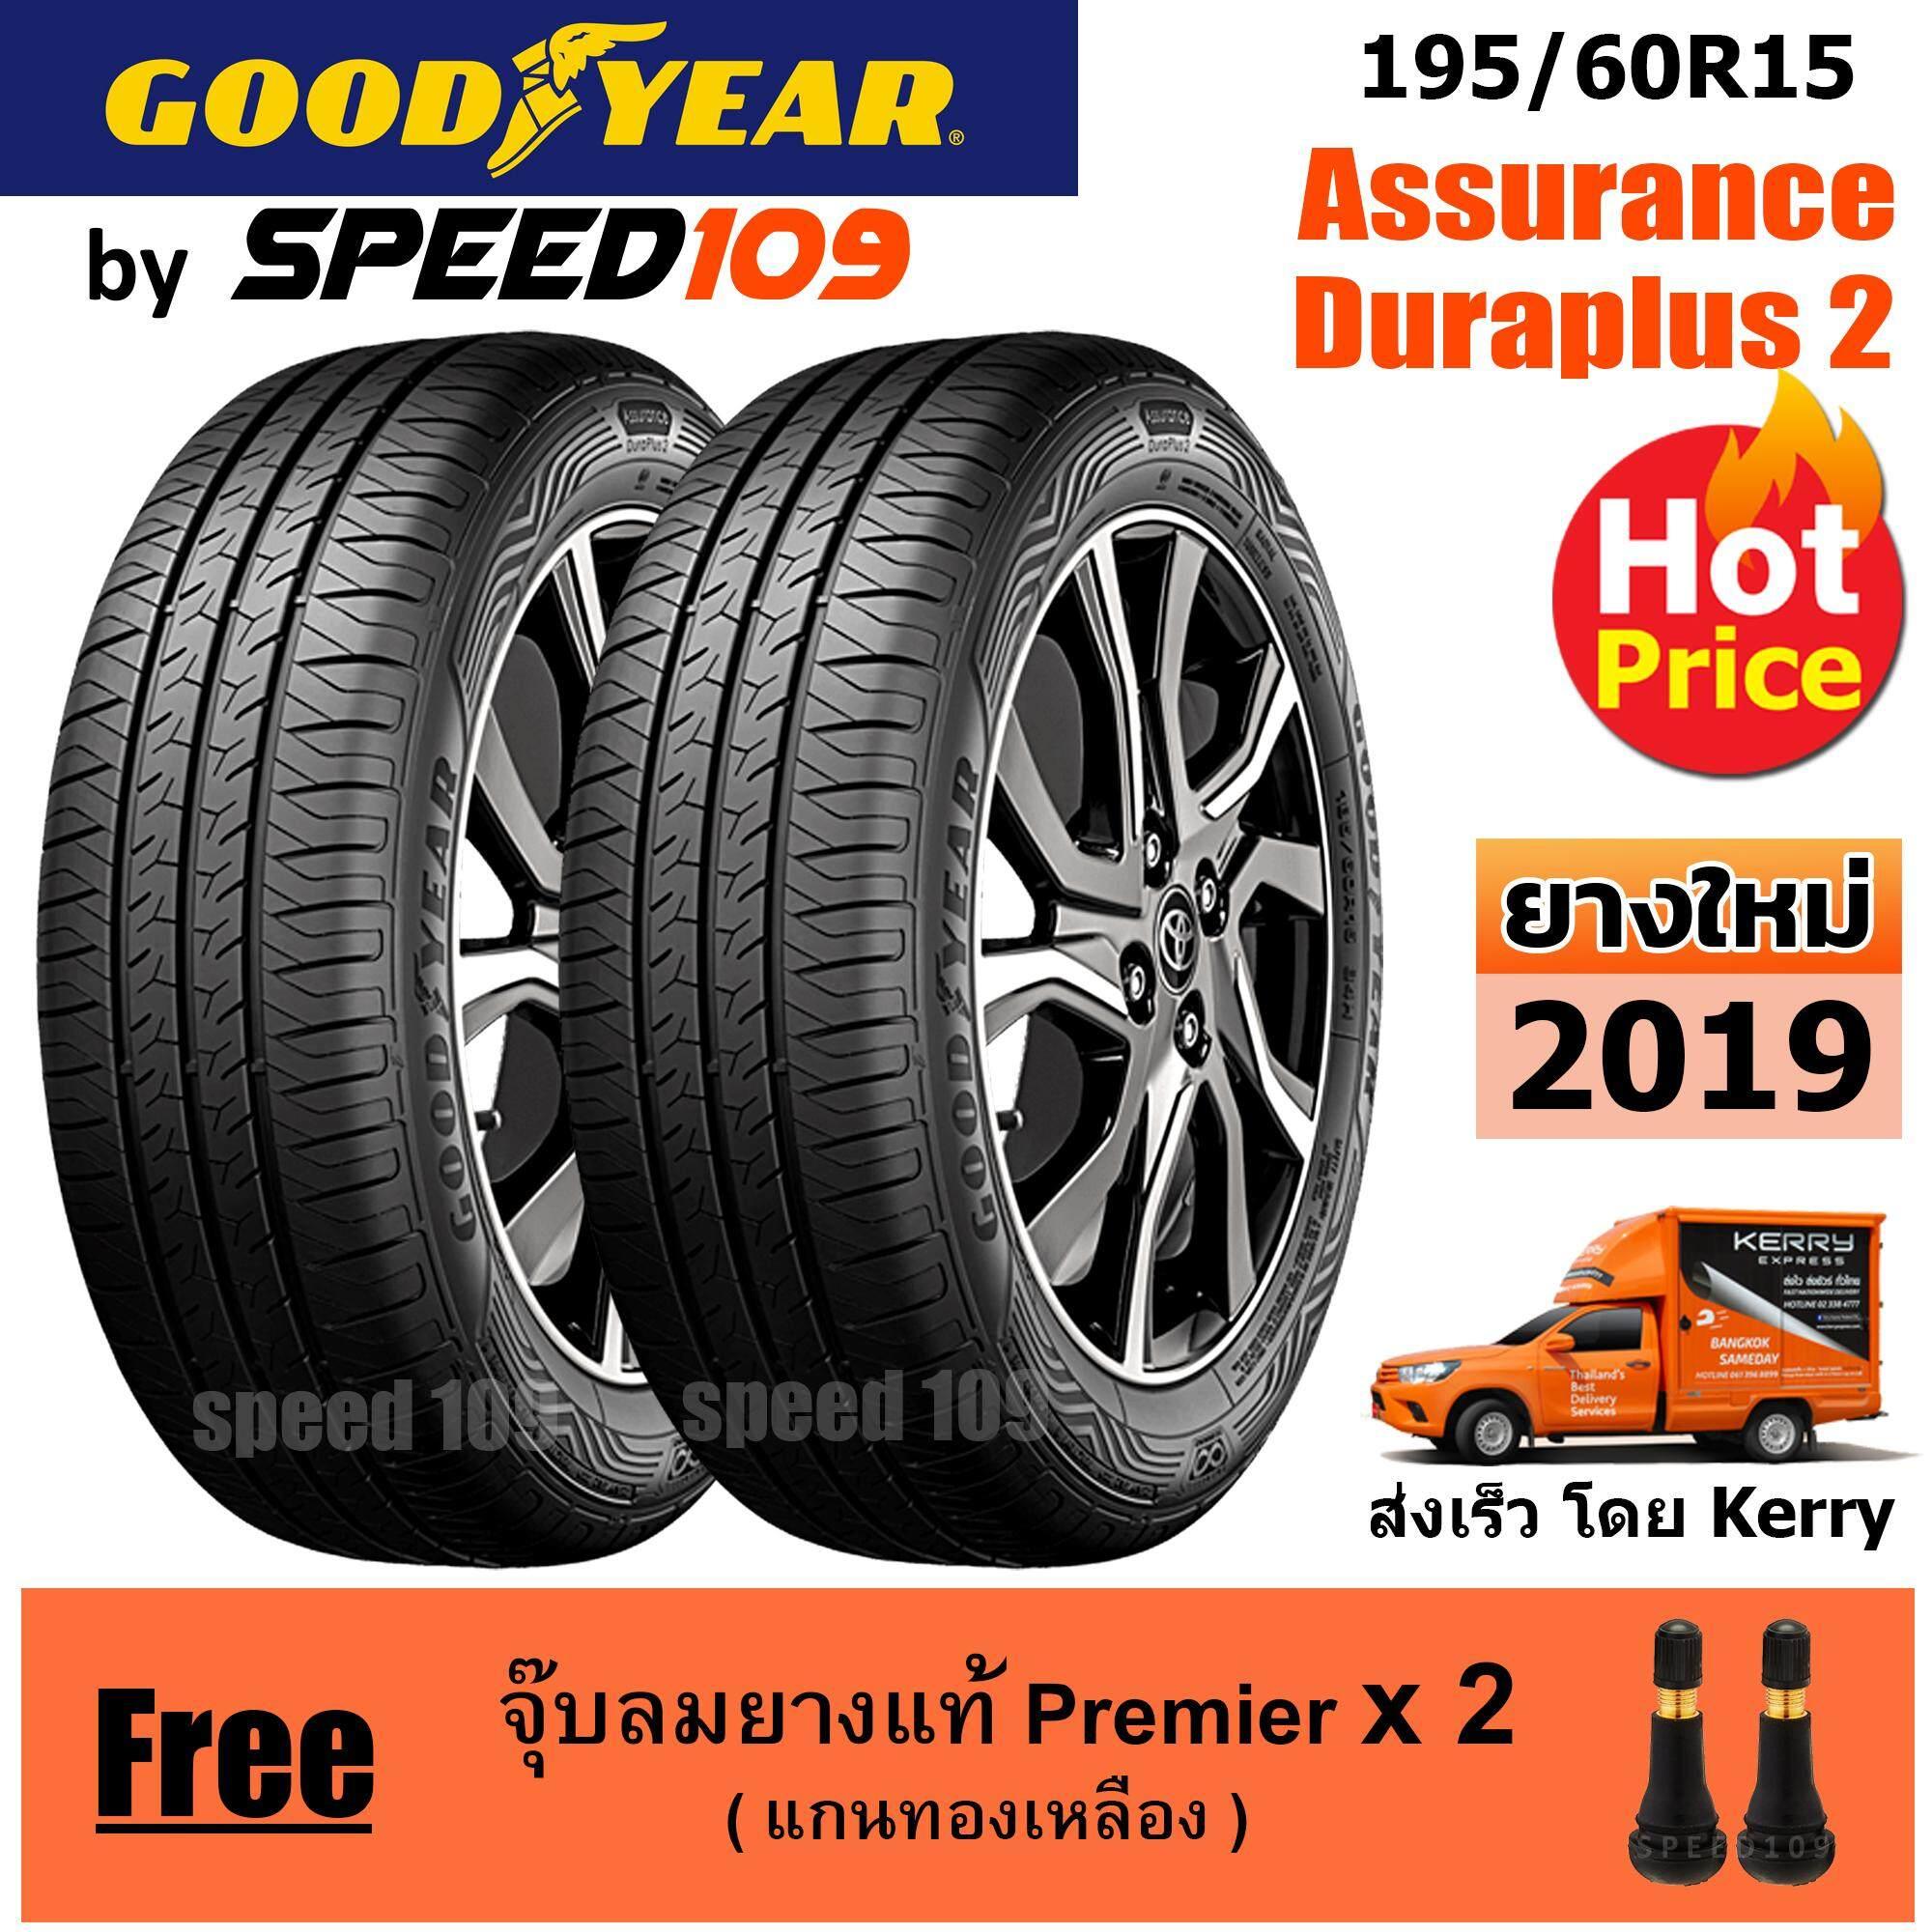 ประกันภัย รถยนต์ 2+ มหาสารคาม GOODYEAR  ยางรถยนต์ ขอบ 15 ขนาด 195/60R15 รุ่น Assurance Duraplus 2 - 2 เส้น (ปี 2019)